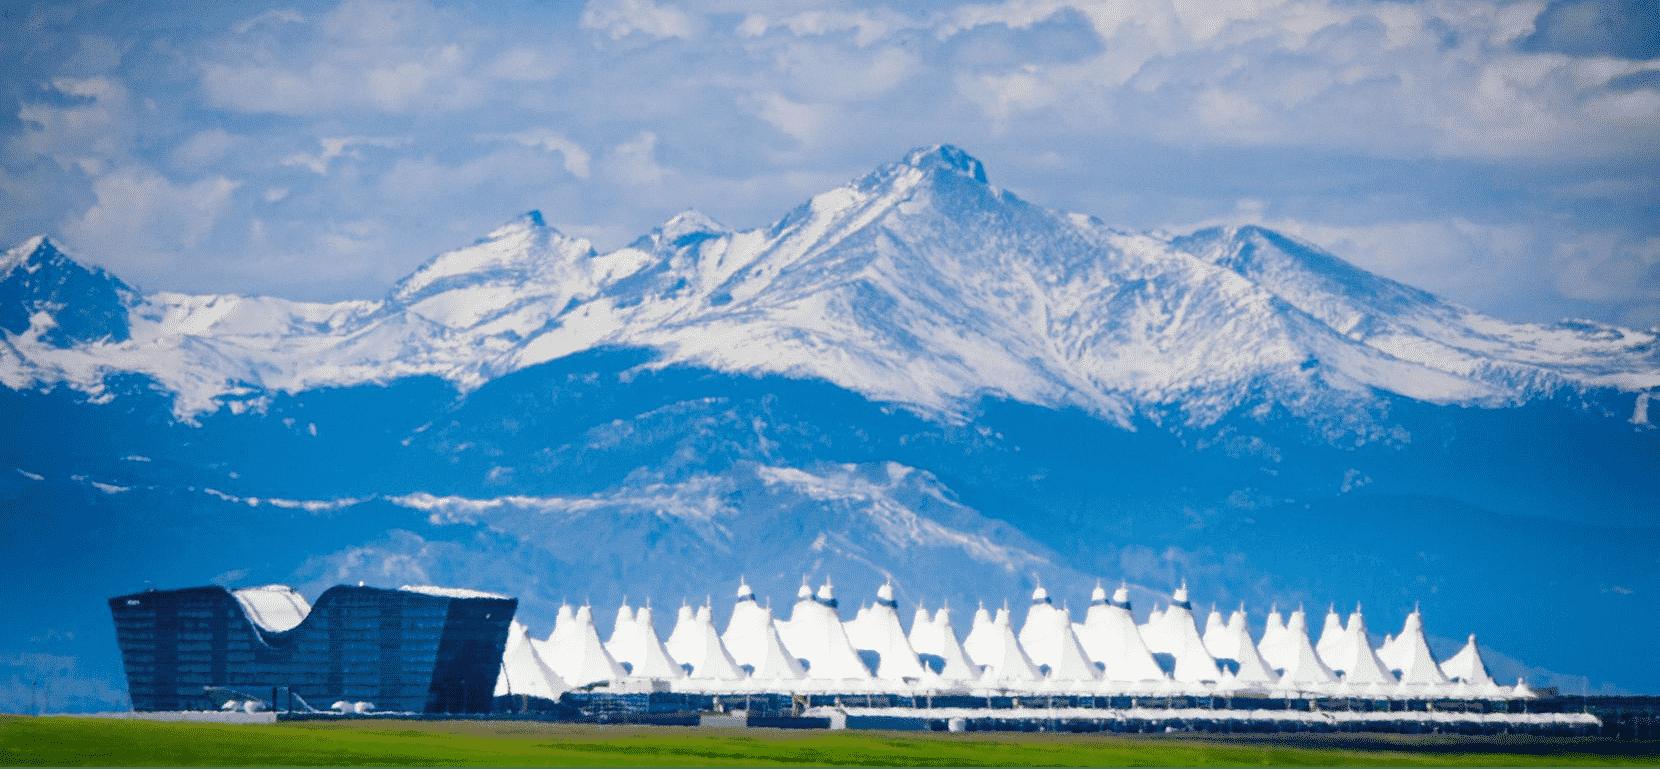 Denver International Airpor